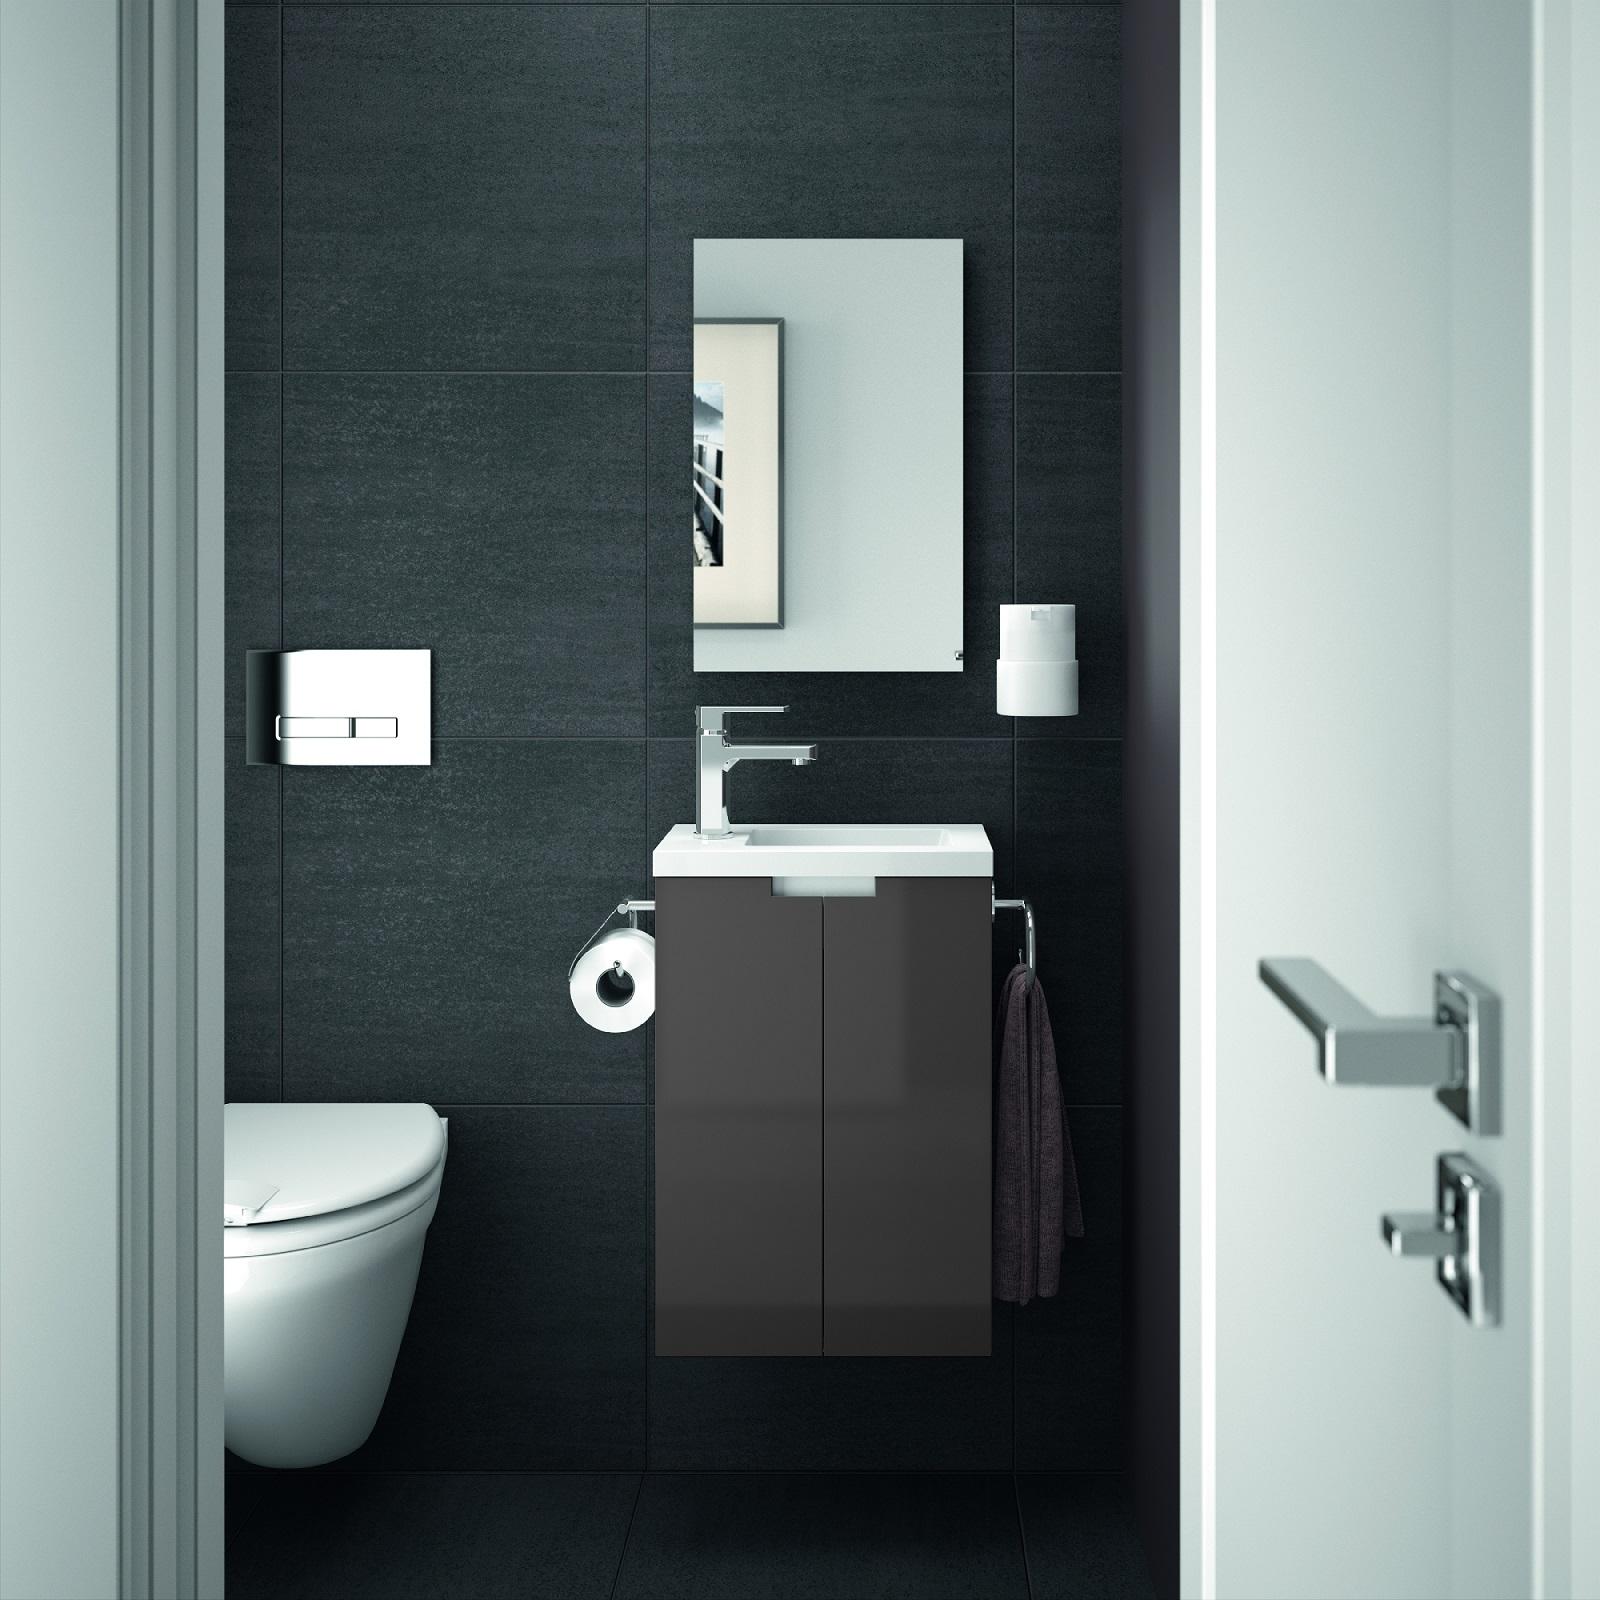 ALLIBERT Badmöbel Gäste-WC Set vormontiert weiß grau Glanz Waschtisch 40 cm